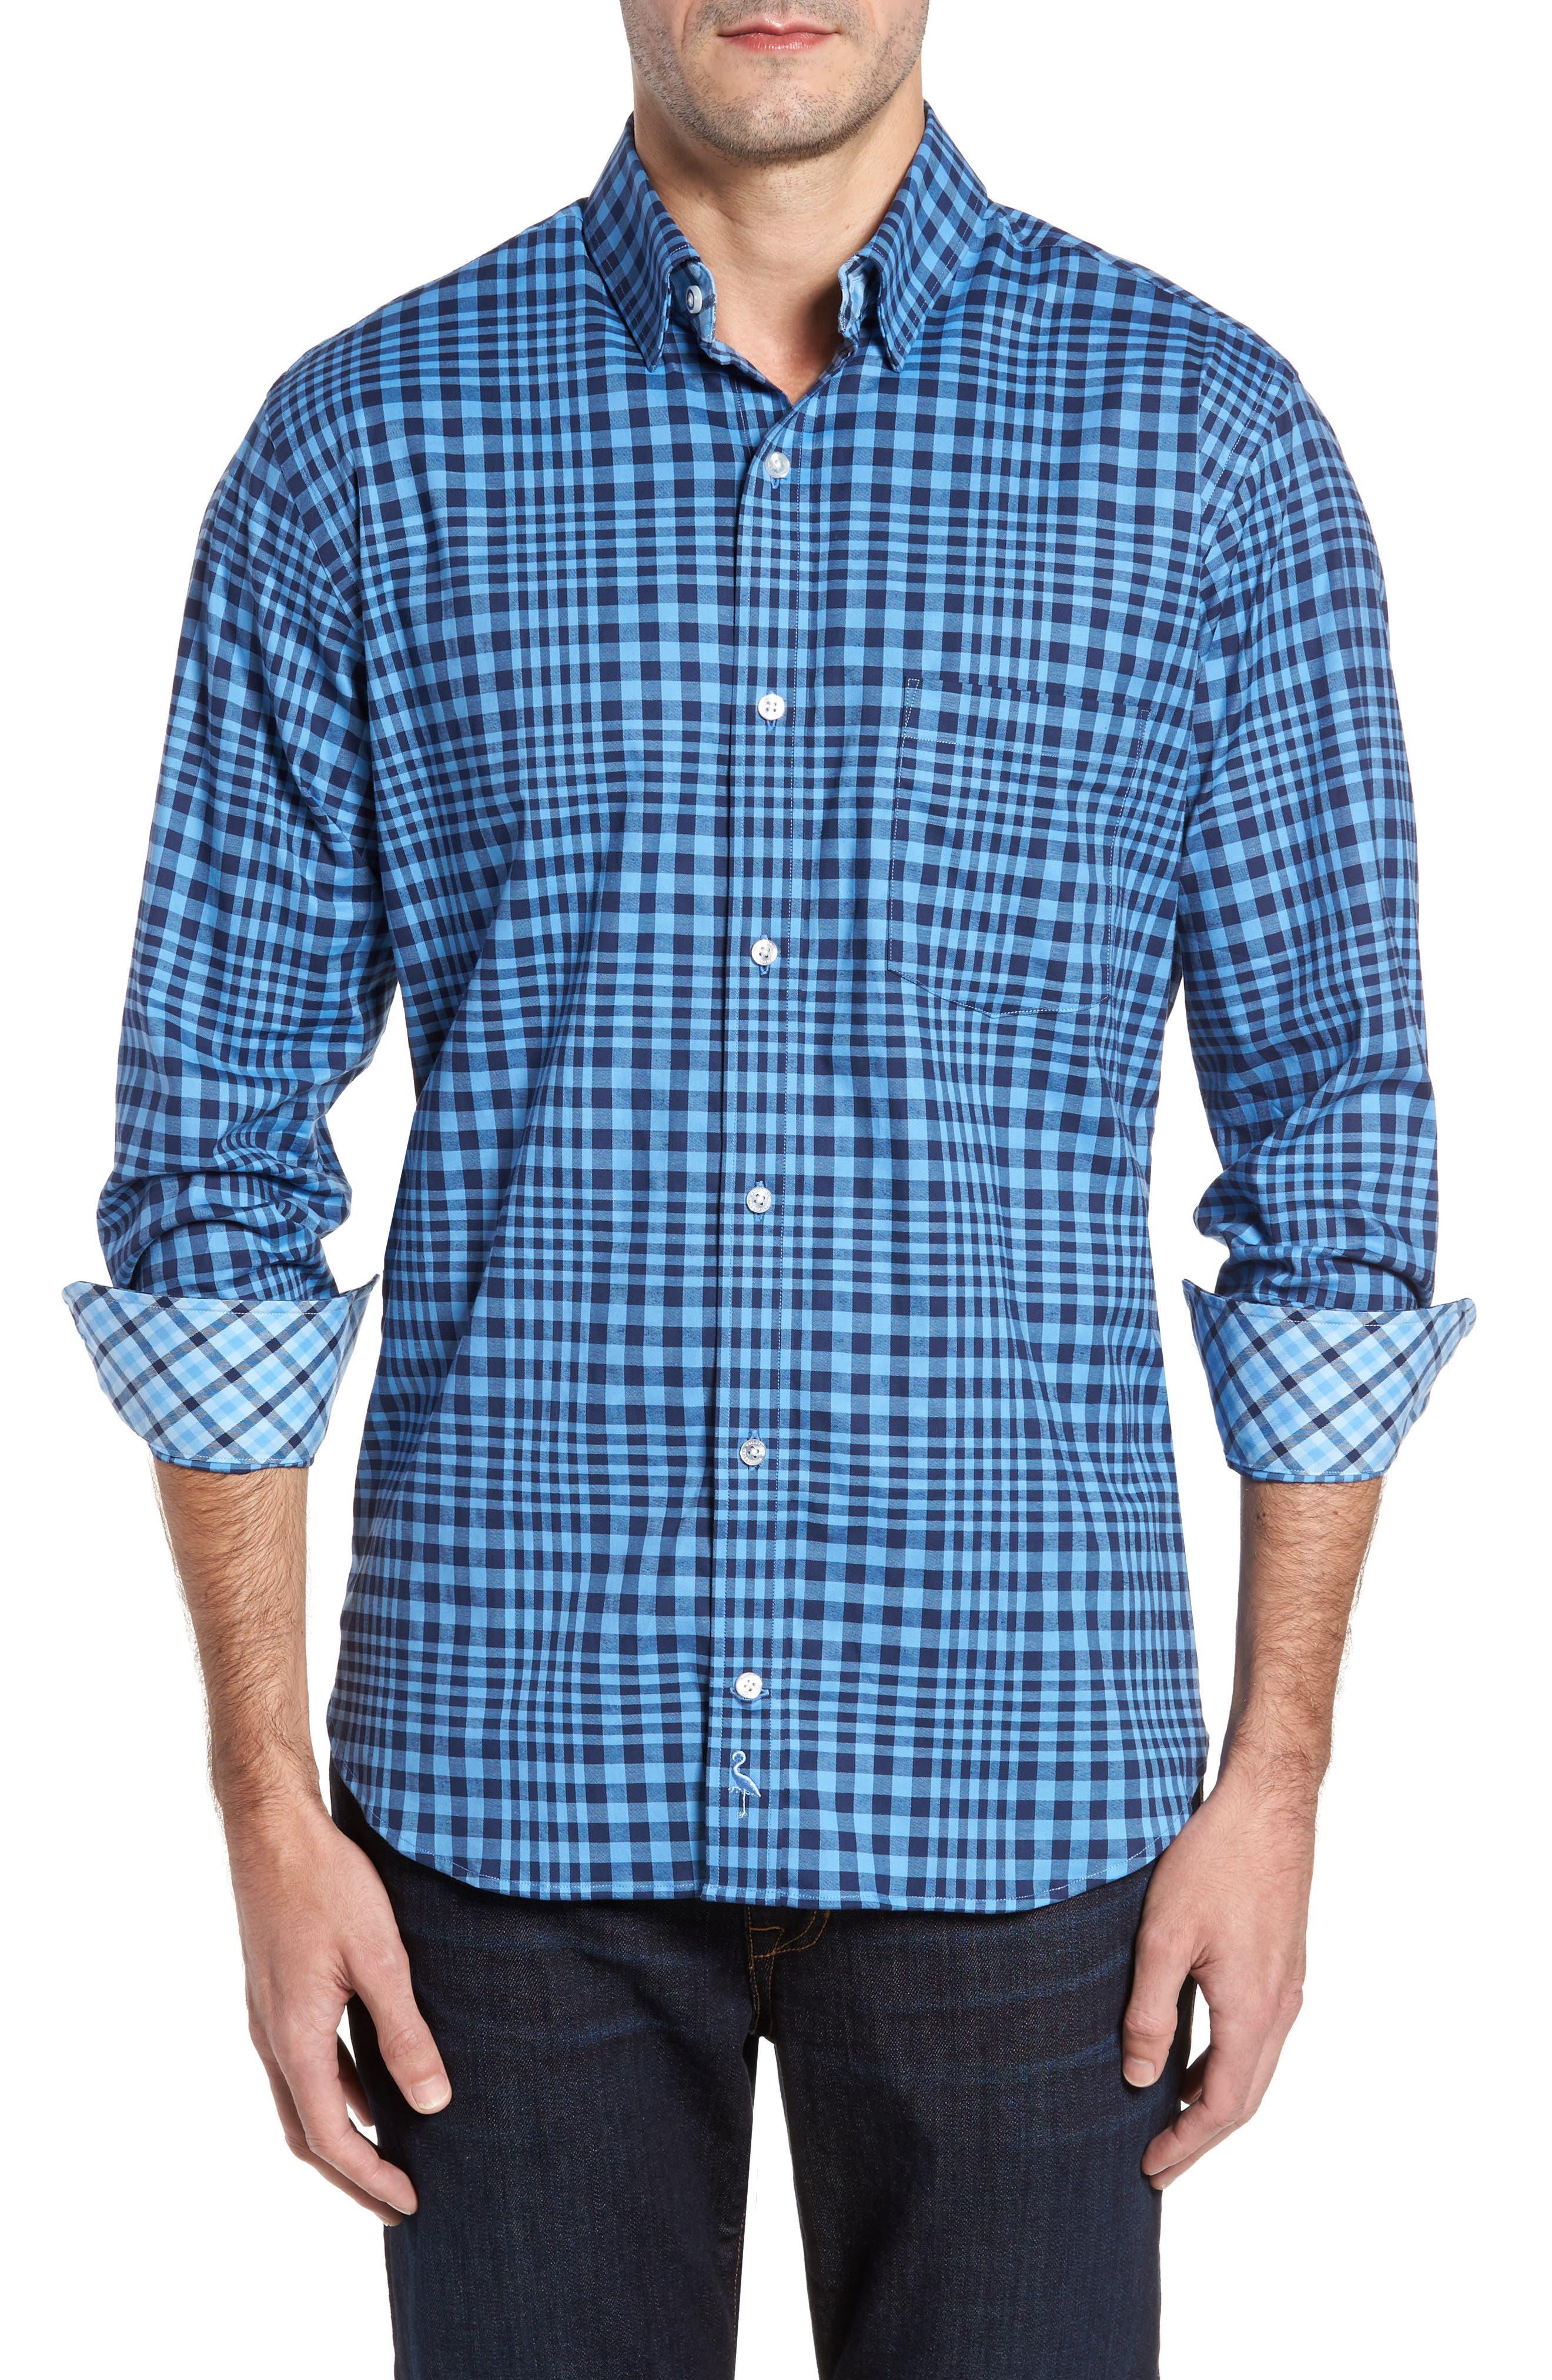 Bayou Cone Check Sport Shirt,                             Main thumbnail 1, color,                             410